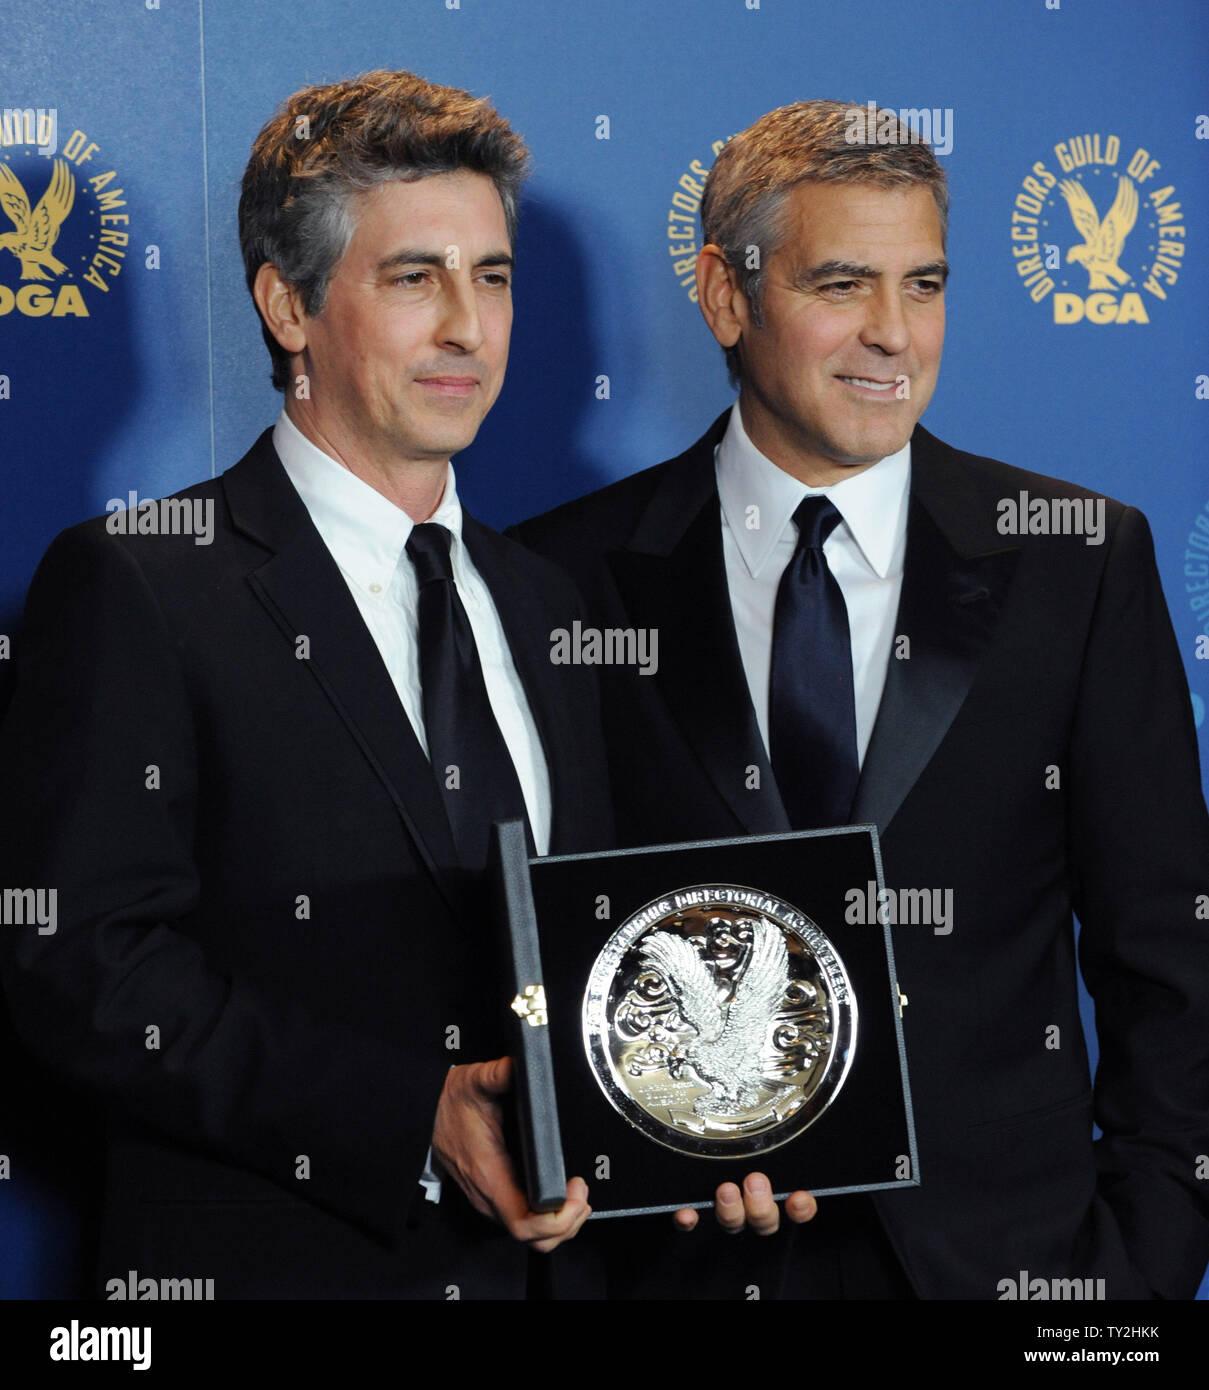 'Los descendientes' miembro del reparto George Clooney (R) aparece backstage con el director Alexander Payne, en la 64ª anual de Directors Guild of America Awards en Los Angeles el 28 de enero de 2012. UPI/Jim Ruymen Imagen De Stock